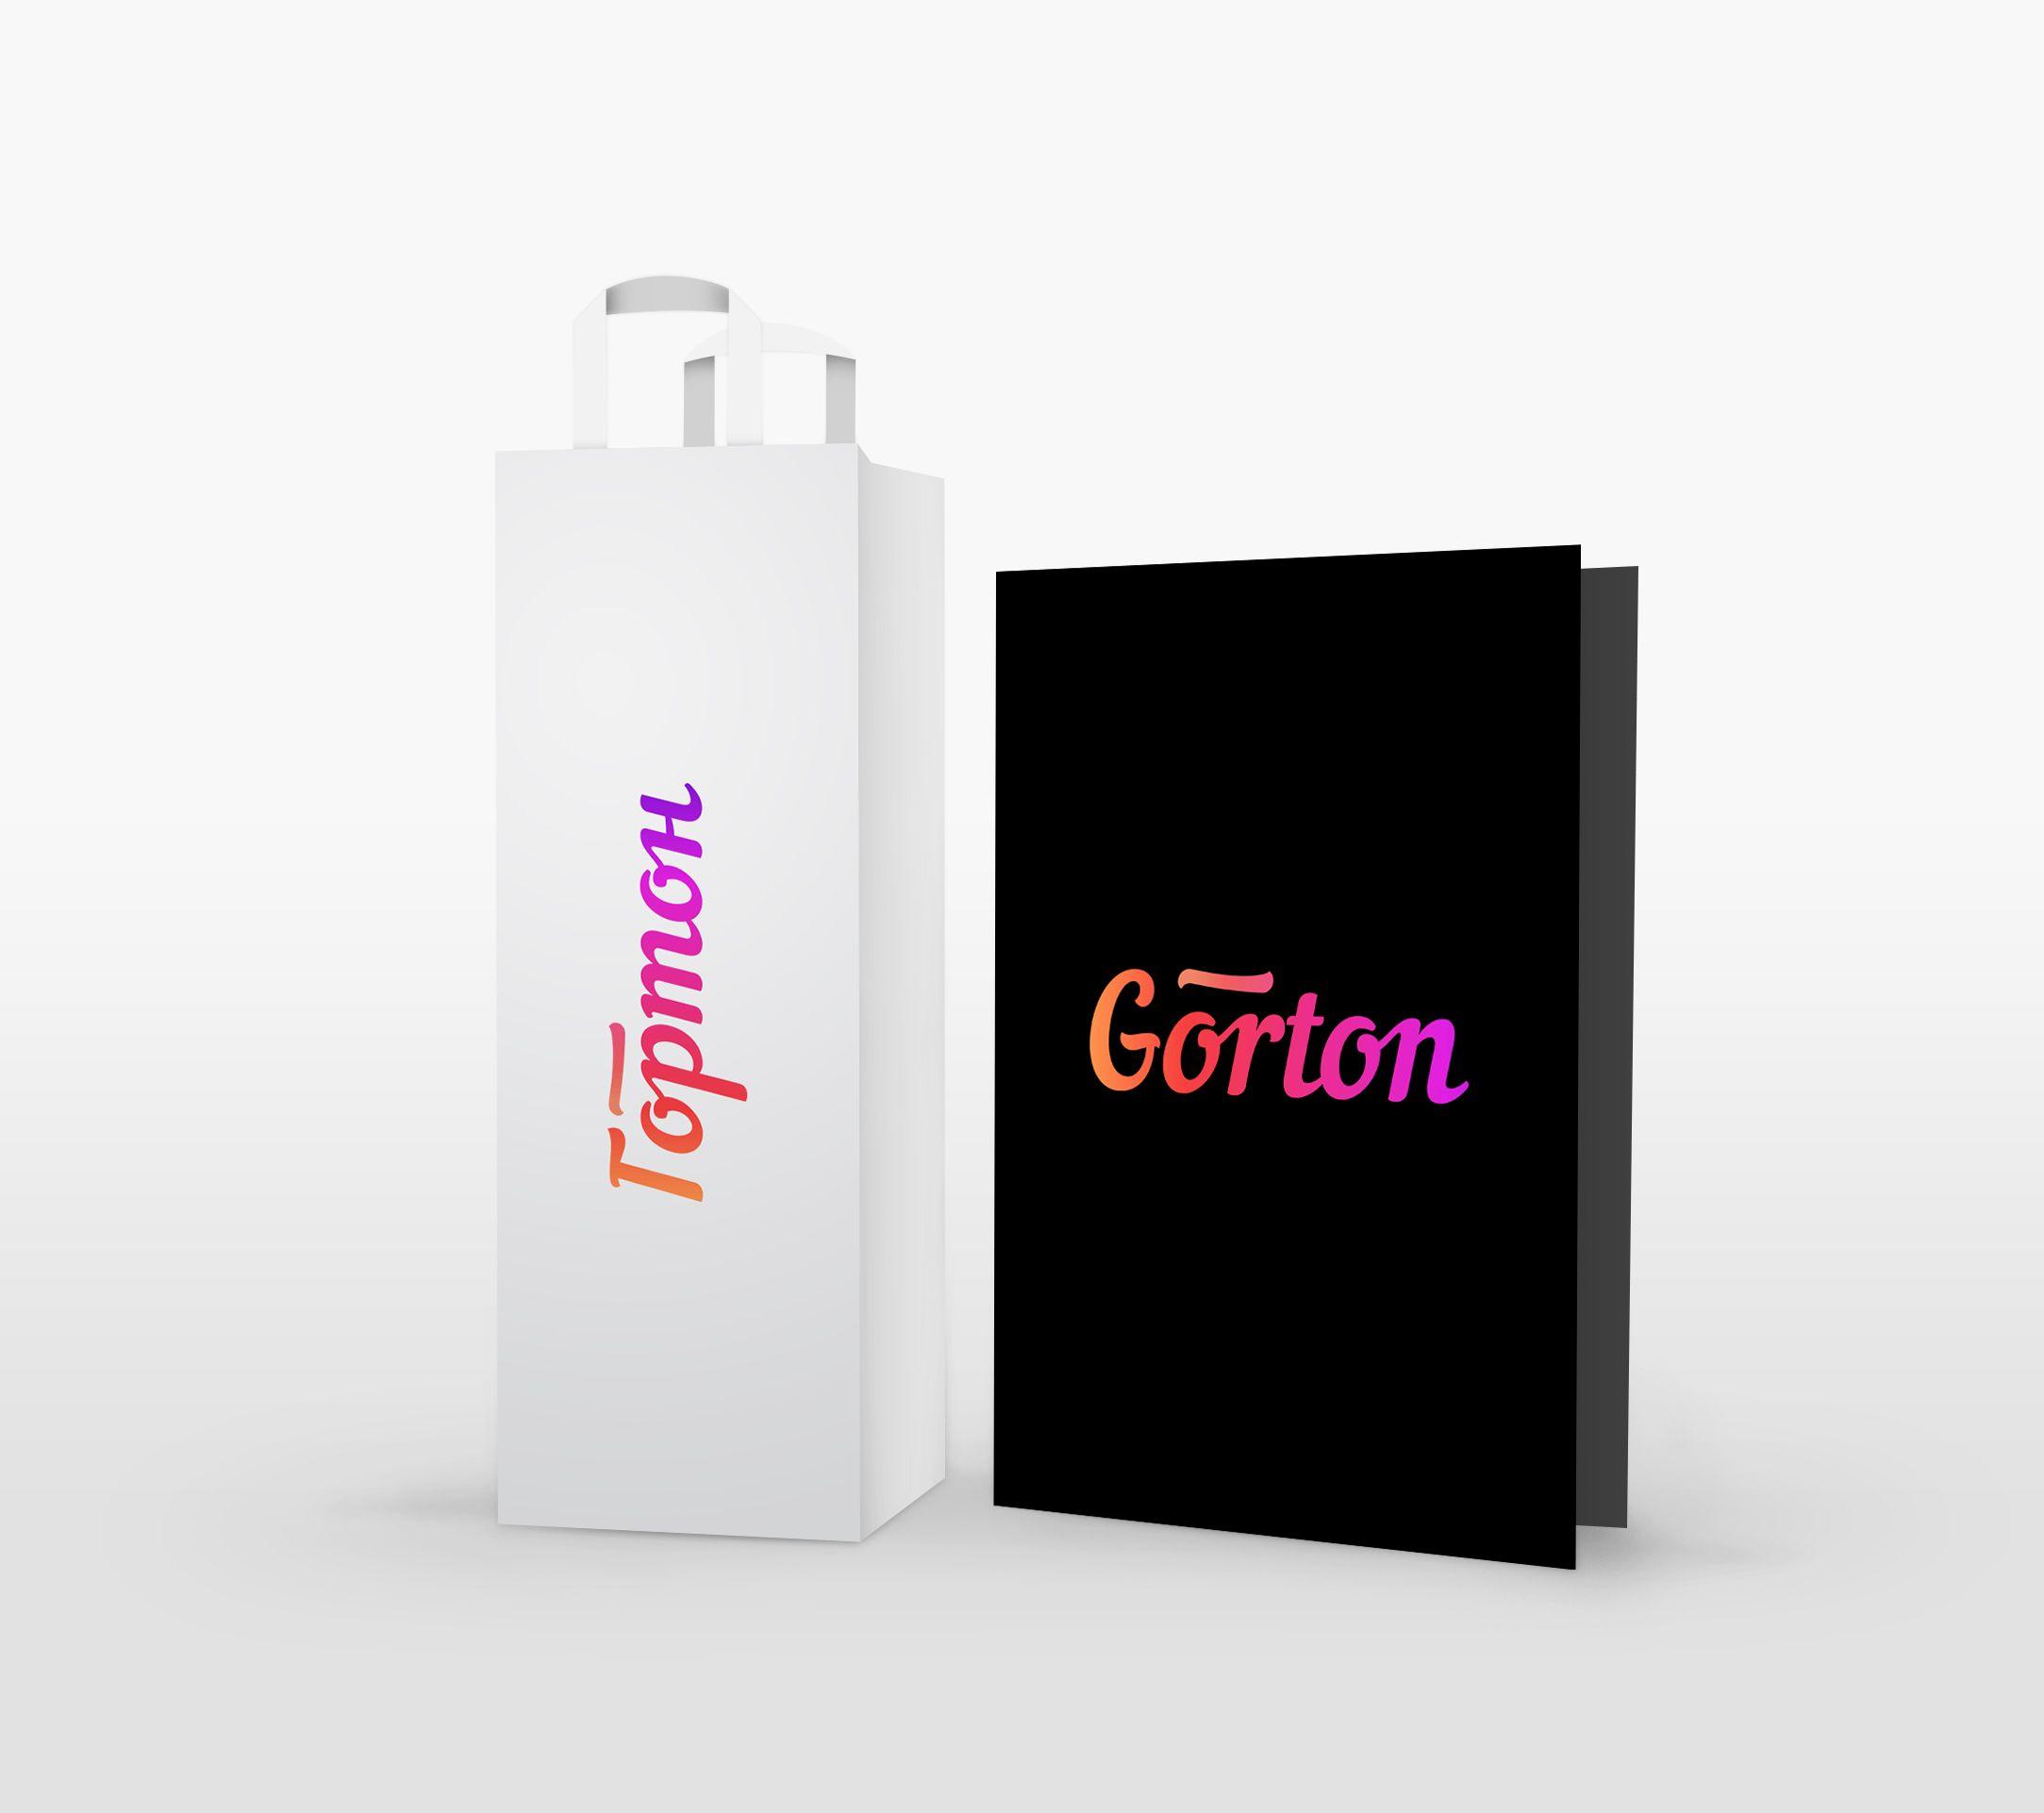 Гортон - дизайнер zimt42